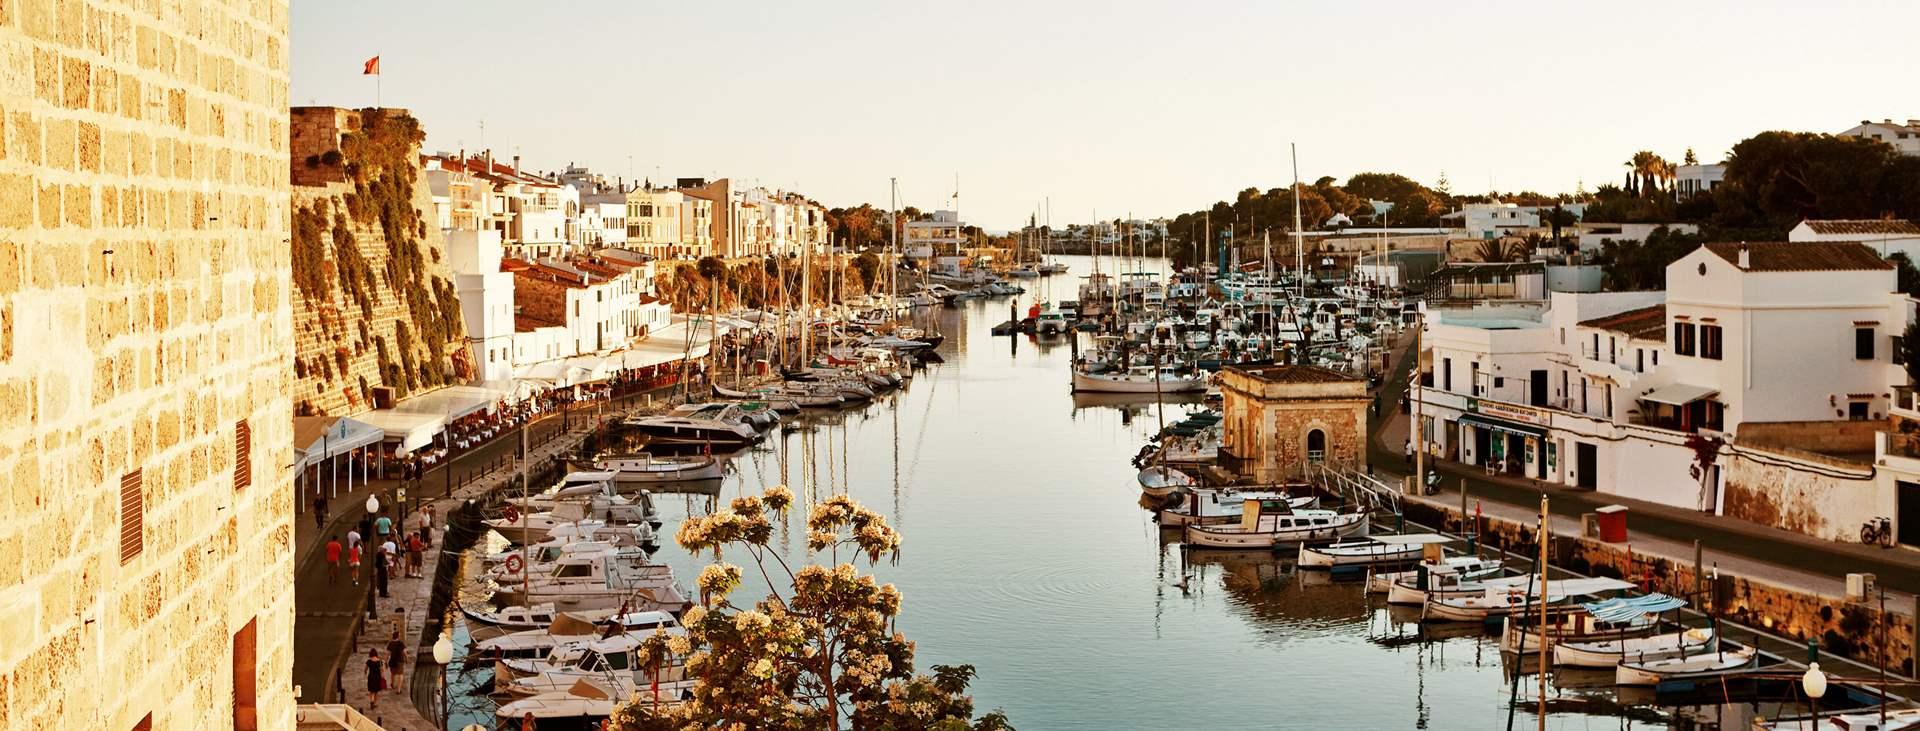 Boka din resa till Ciutadella på Menorca med Ving